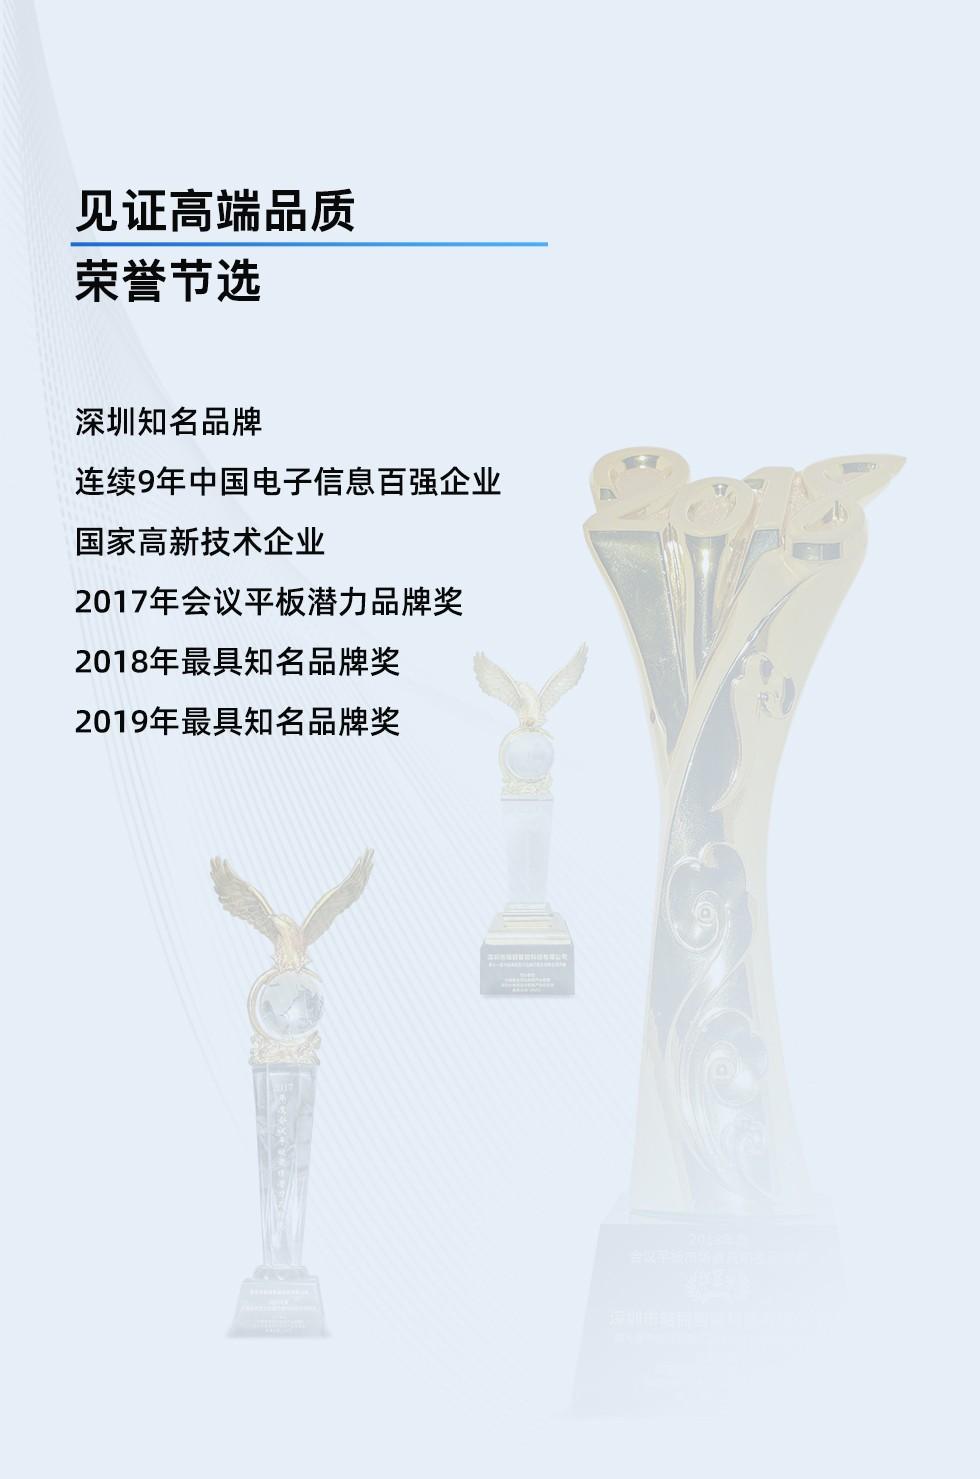 博亚体育HC-3摄像头荣誉证书 博亚体育深圳知名品牌